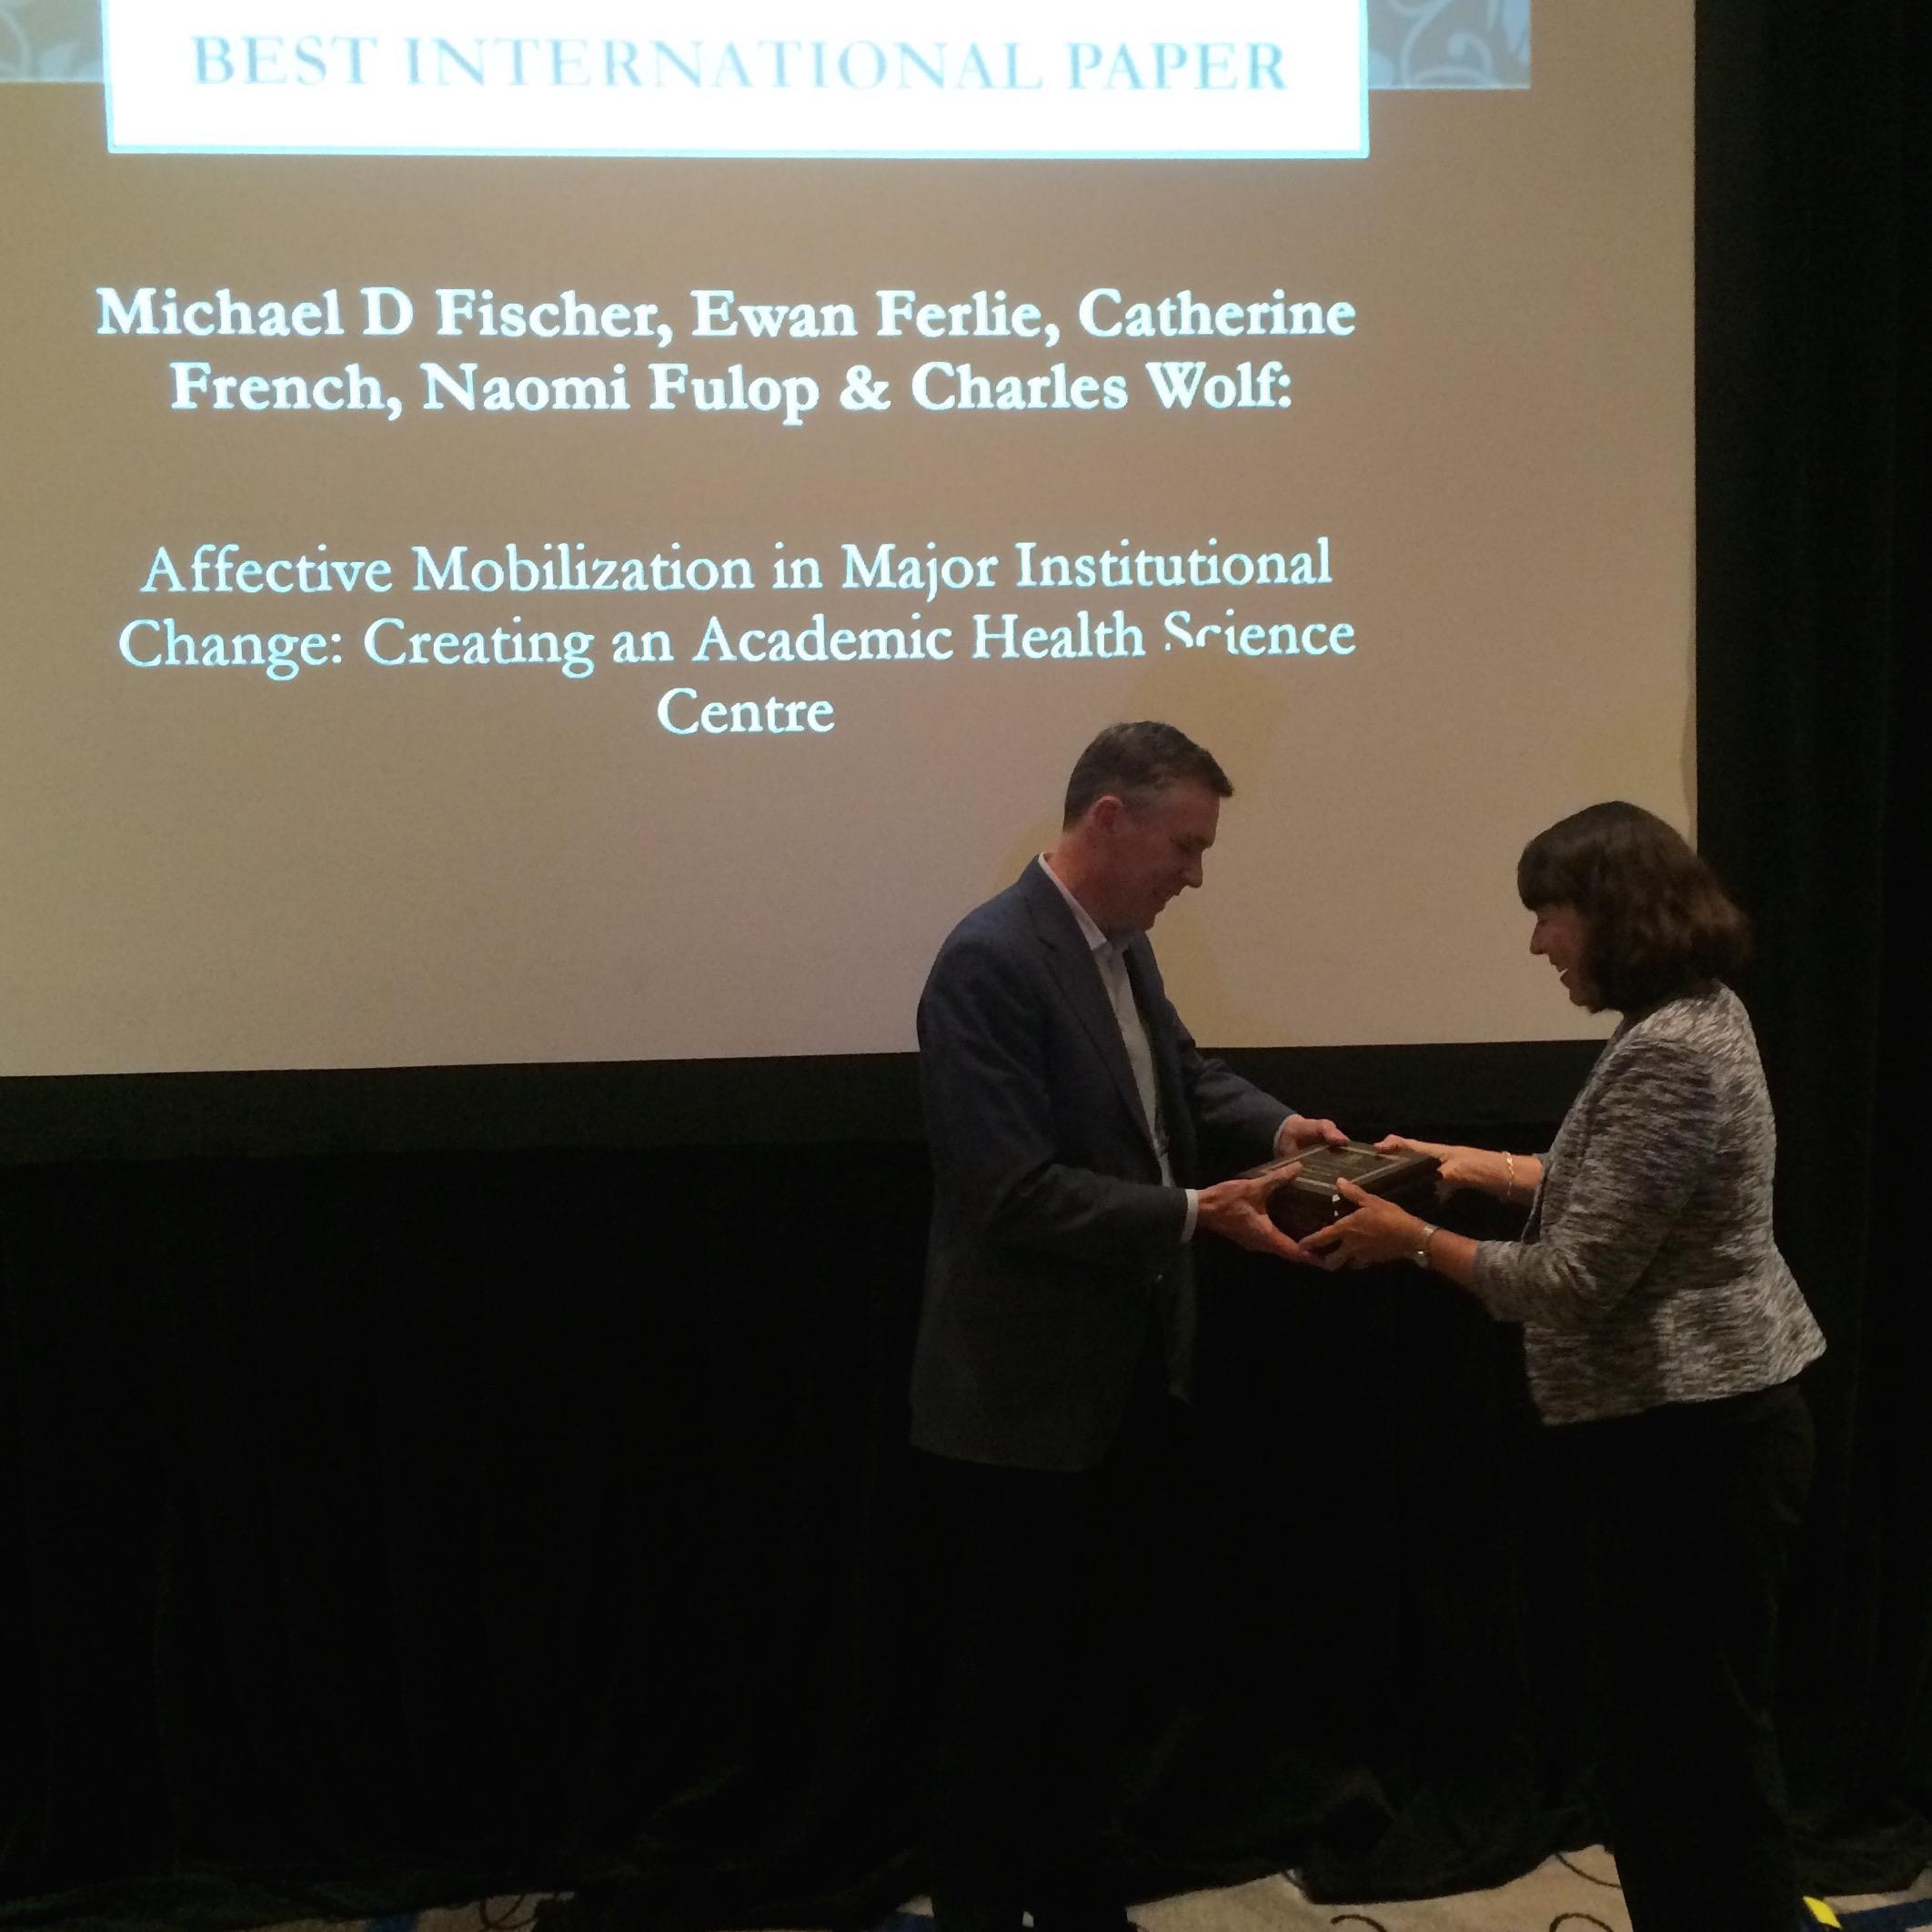 Best International Paper Award